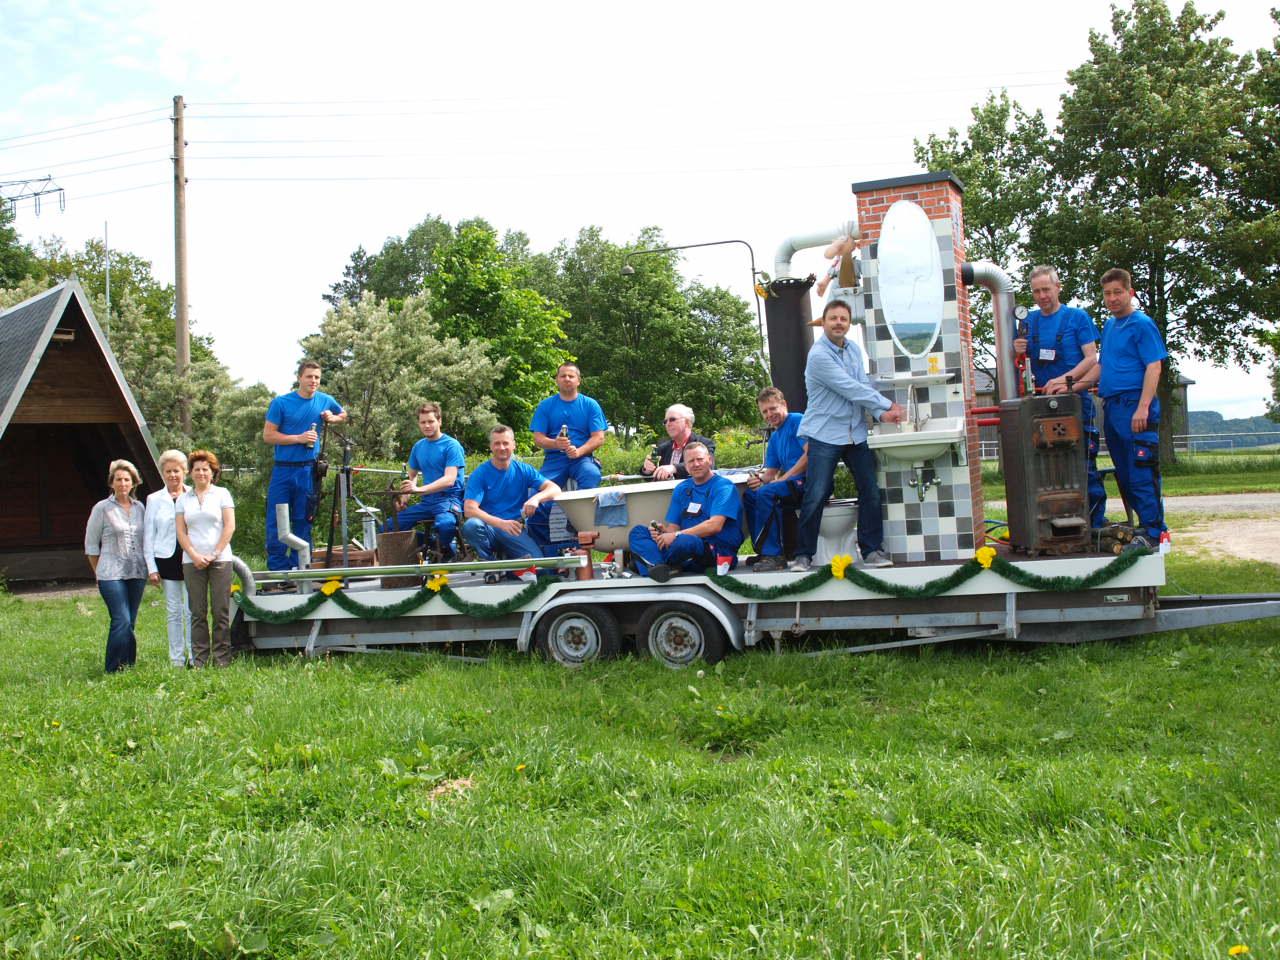 Umzugsanhänger zur 775 Jahr Feier Lößnitz 2014 (Salzmarkt)